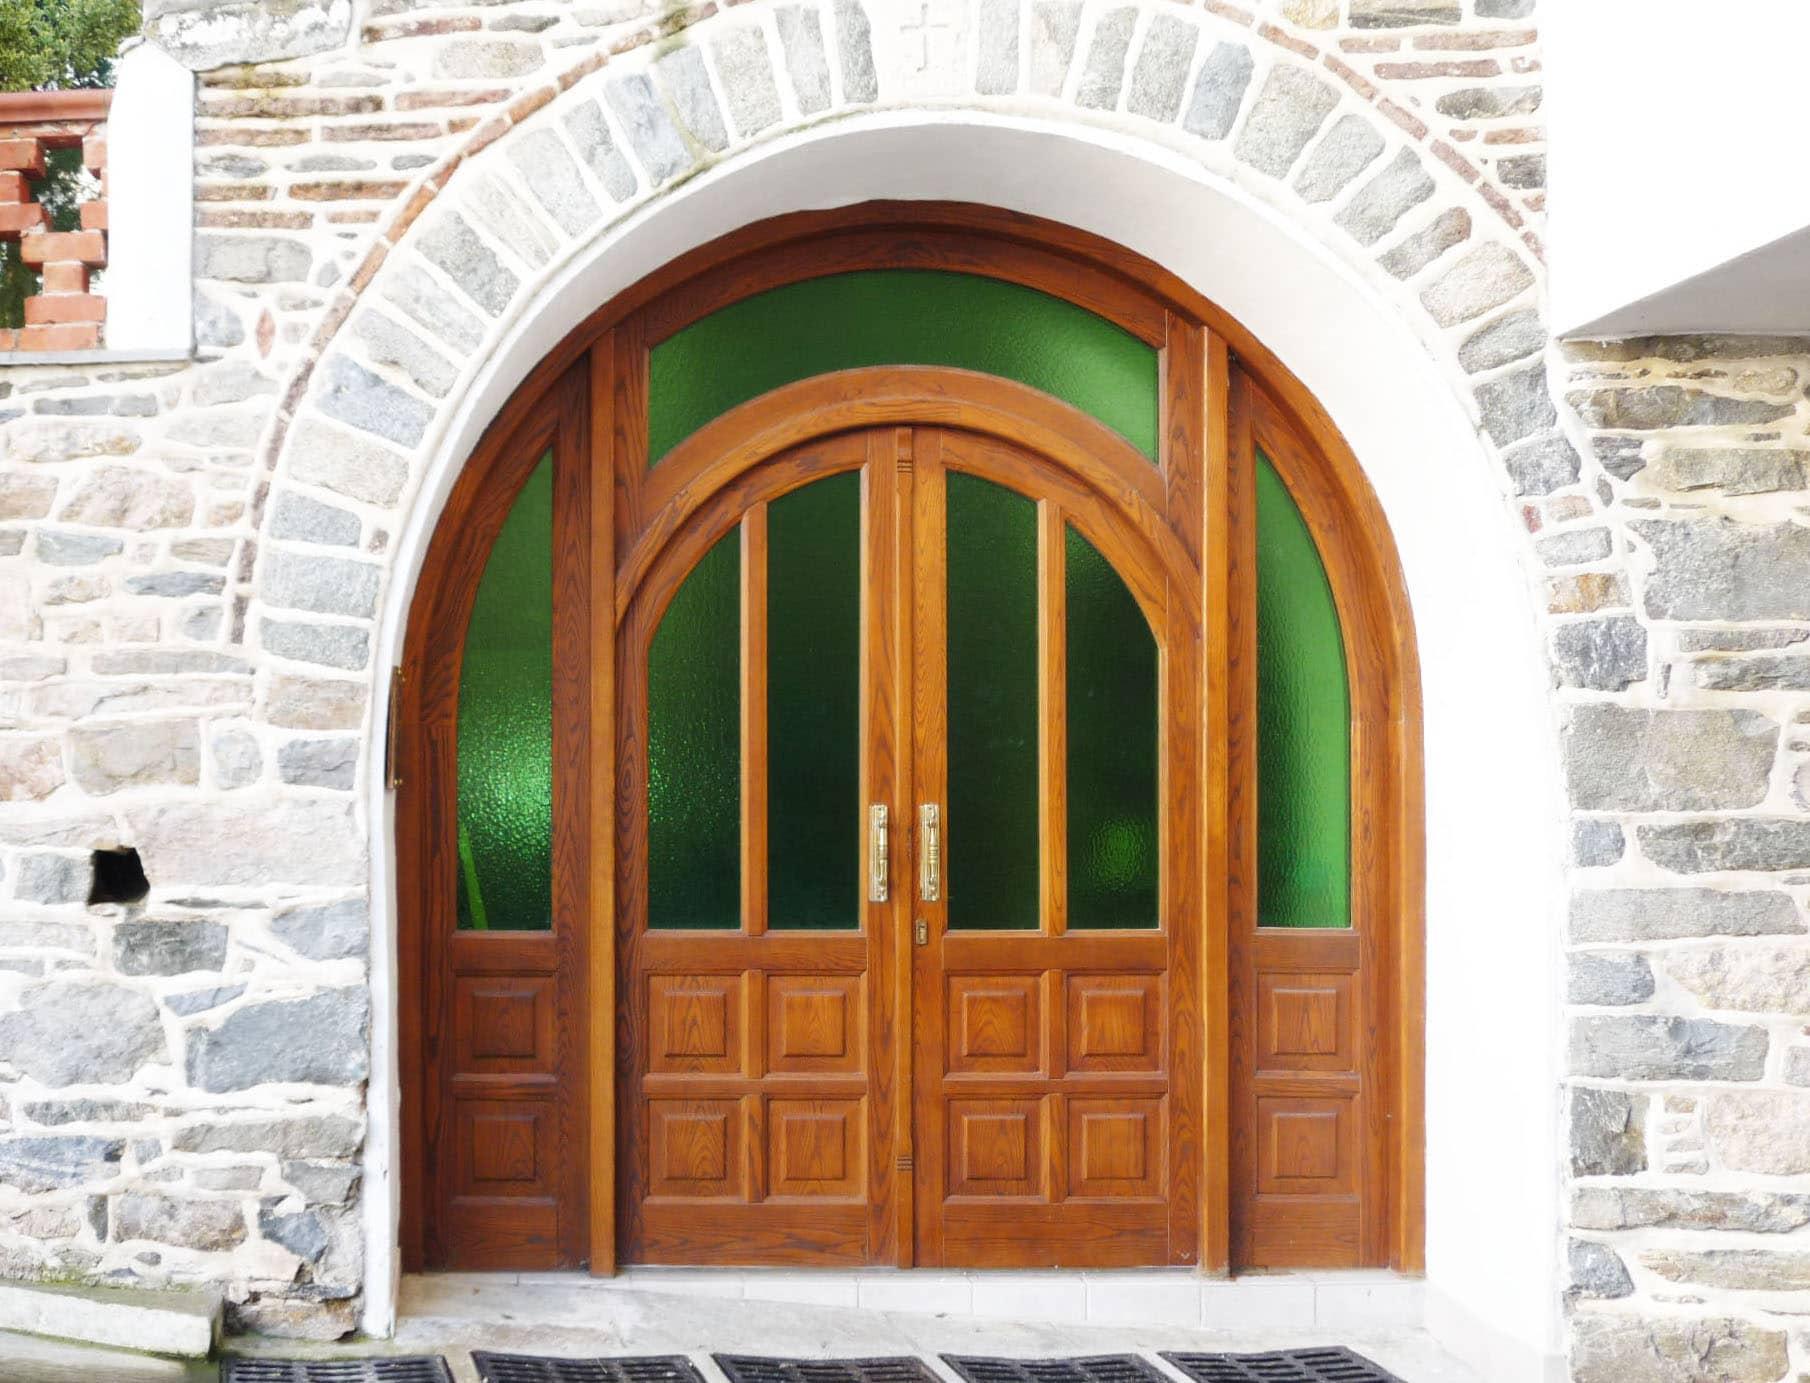 εξωτερική πόρτα με ειδικό τζάμι